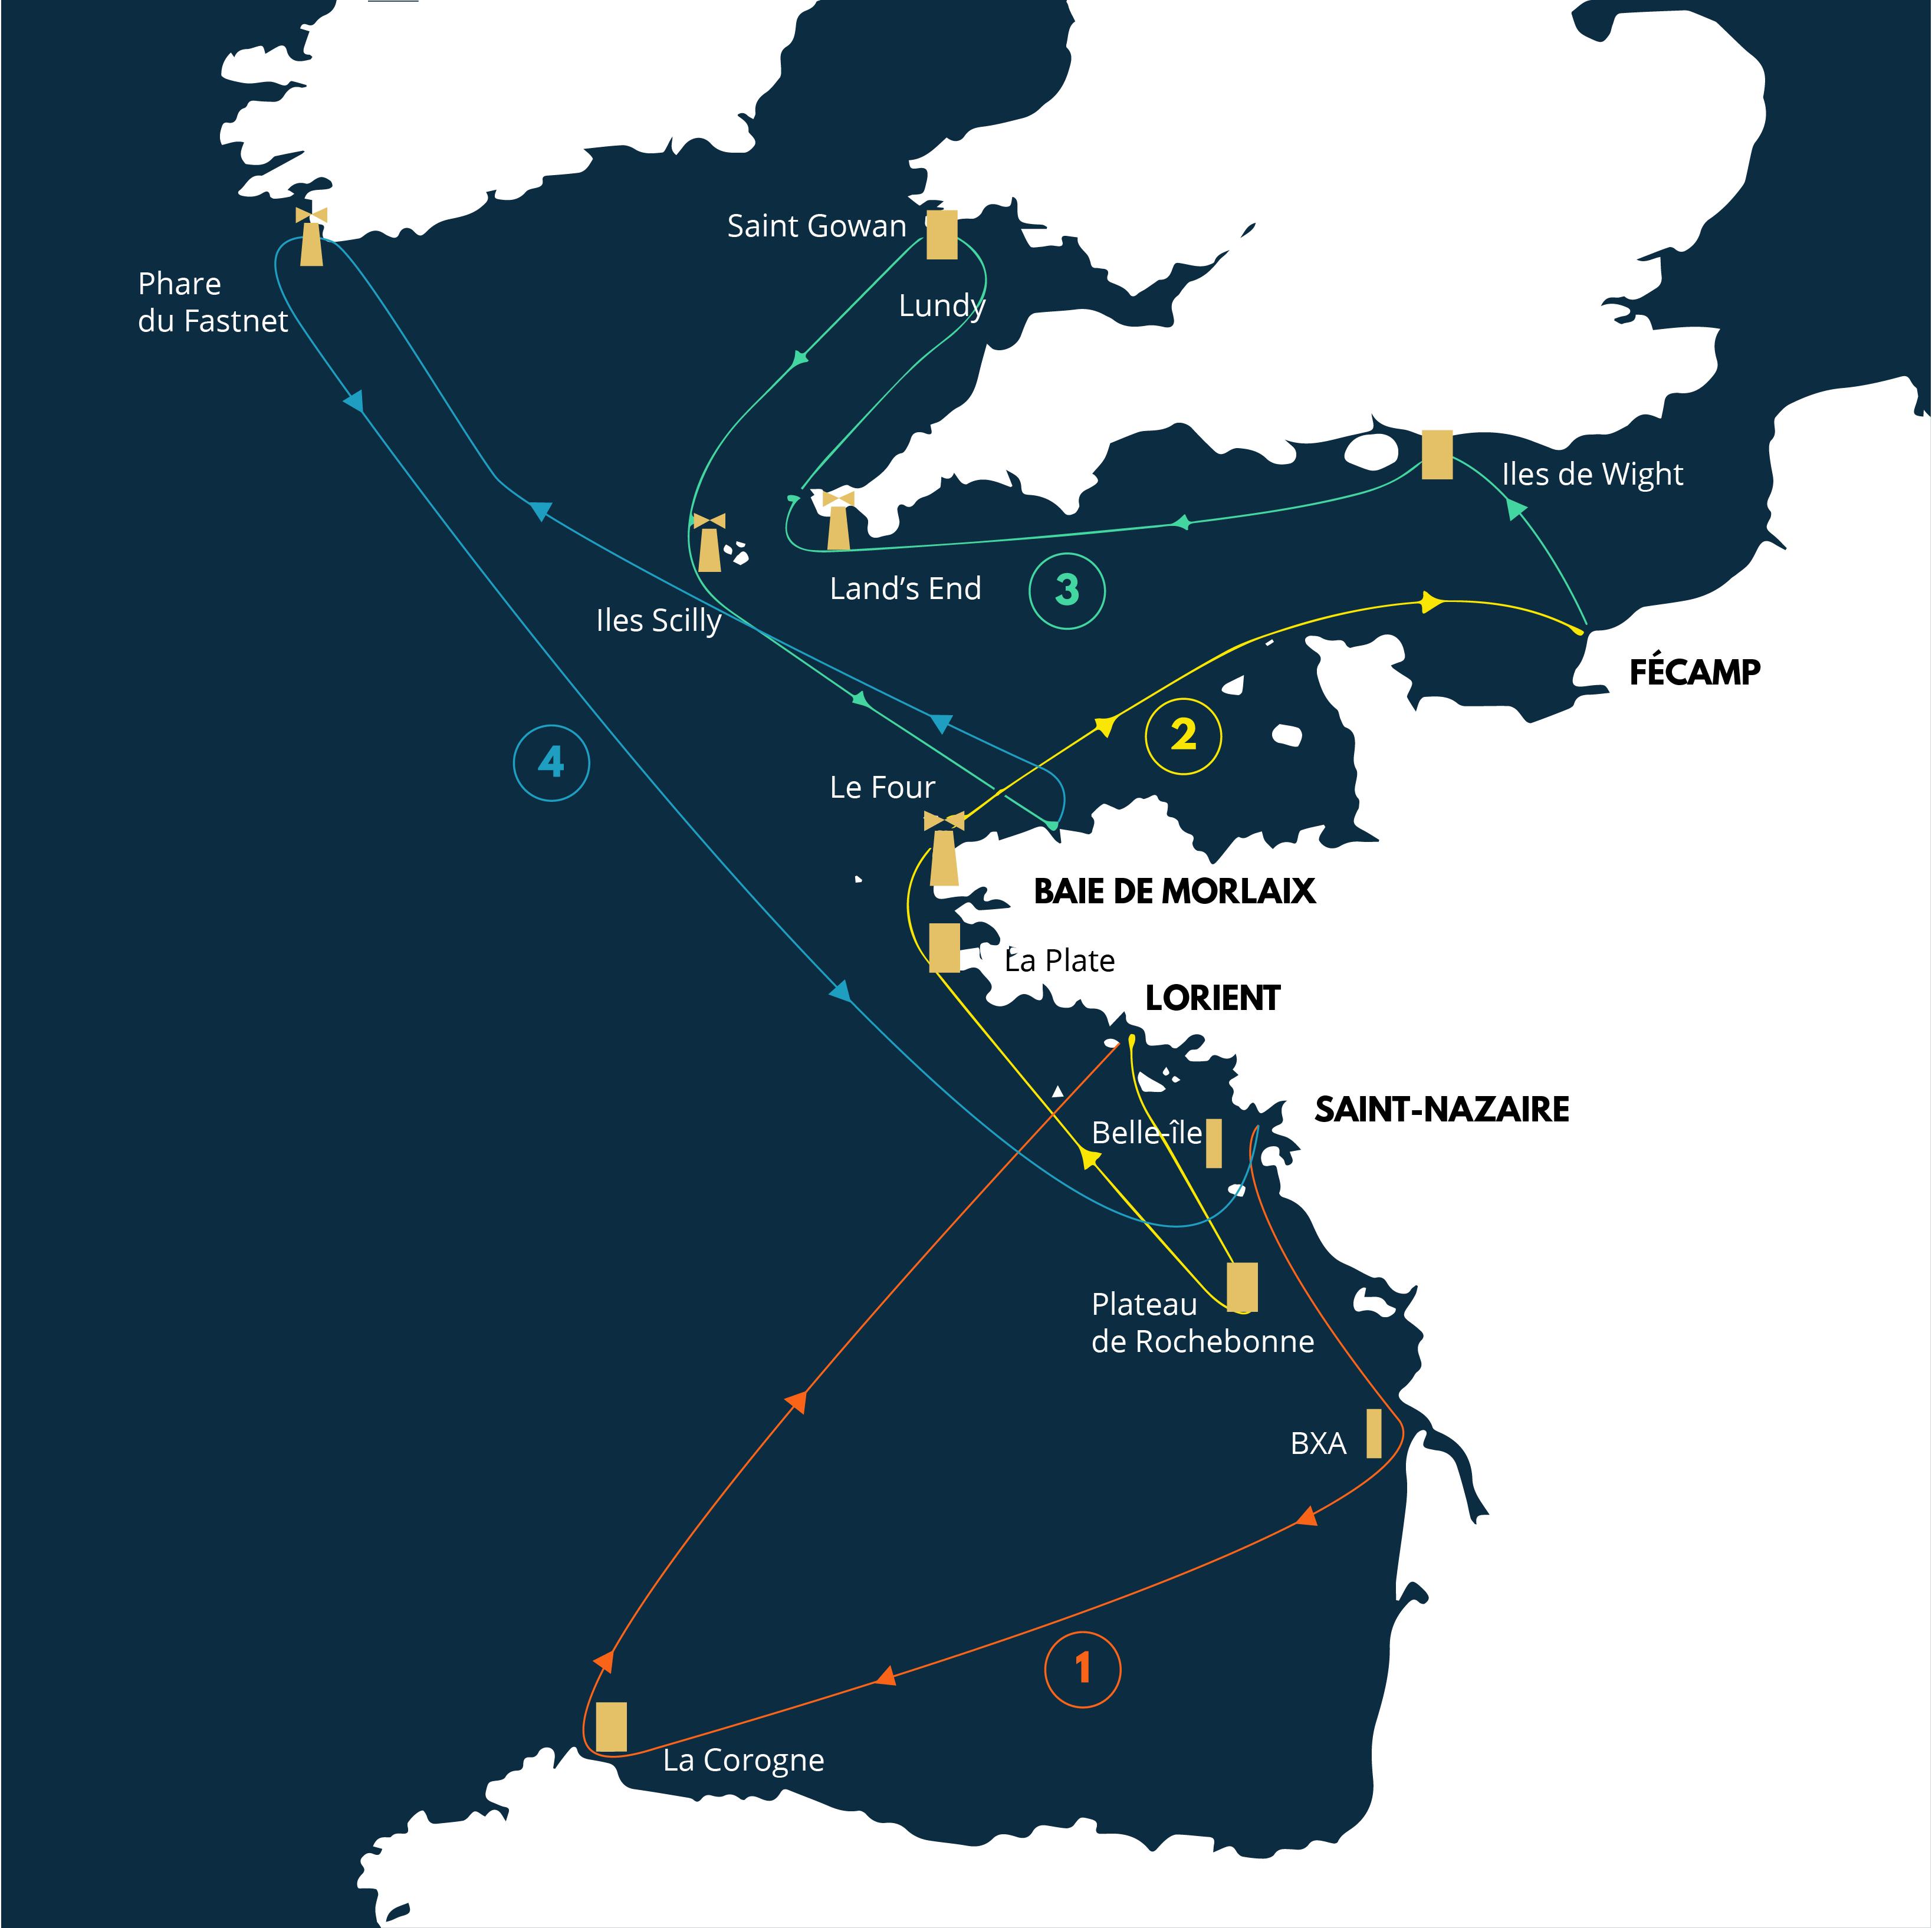 carte le parcours solitaire du Figaro 2021